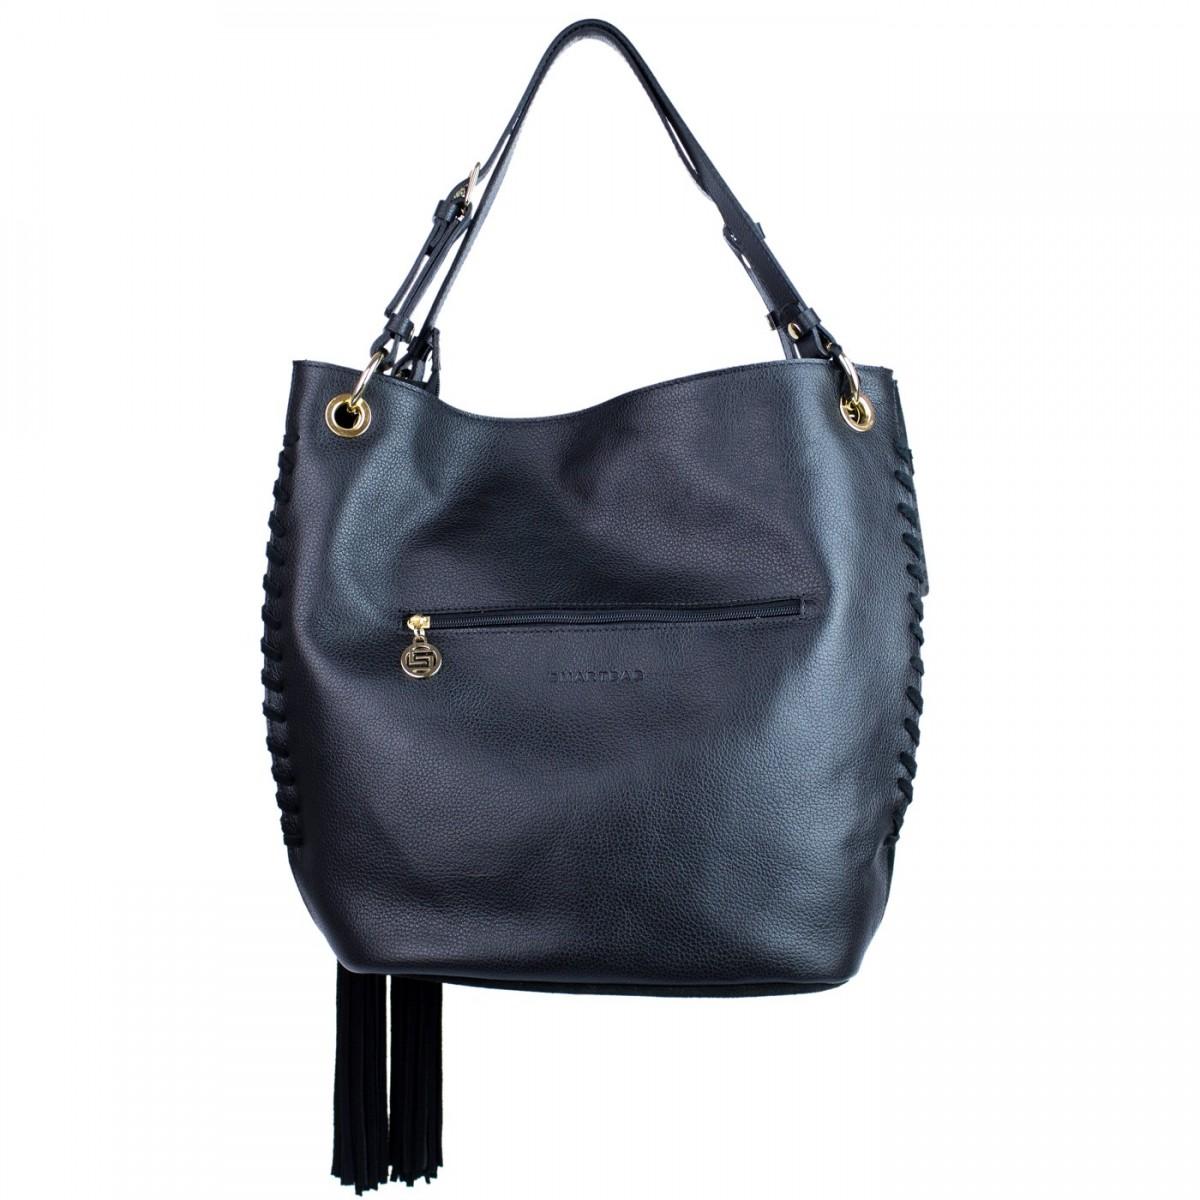 Bizz Store - Bolsa Feminina Smartbag Camurça Couro 70062.16 9b814022207